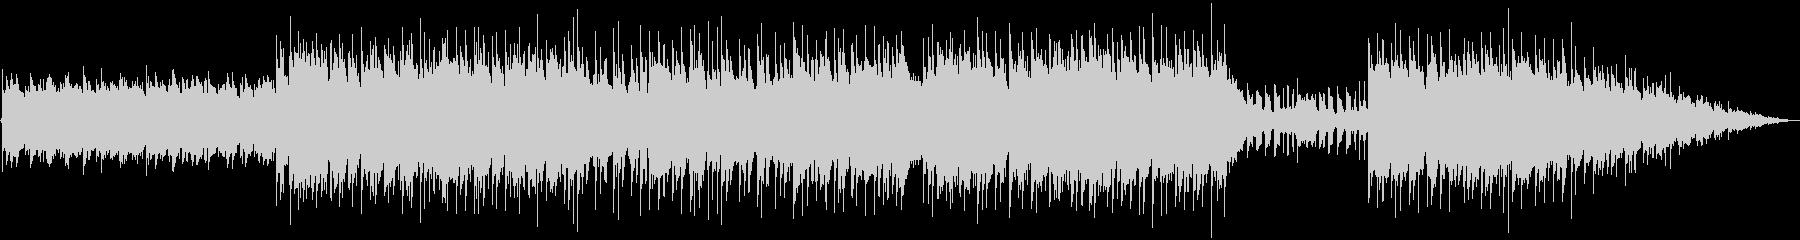 明るいギターアルペジオのBGMの未再生の波形